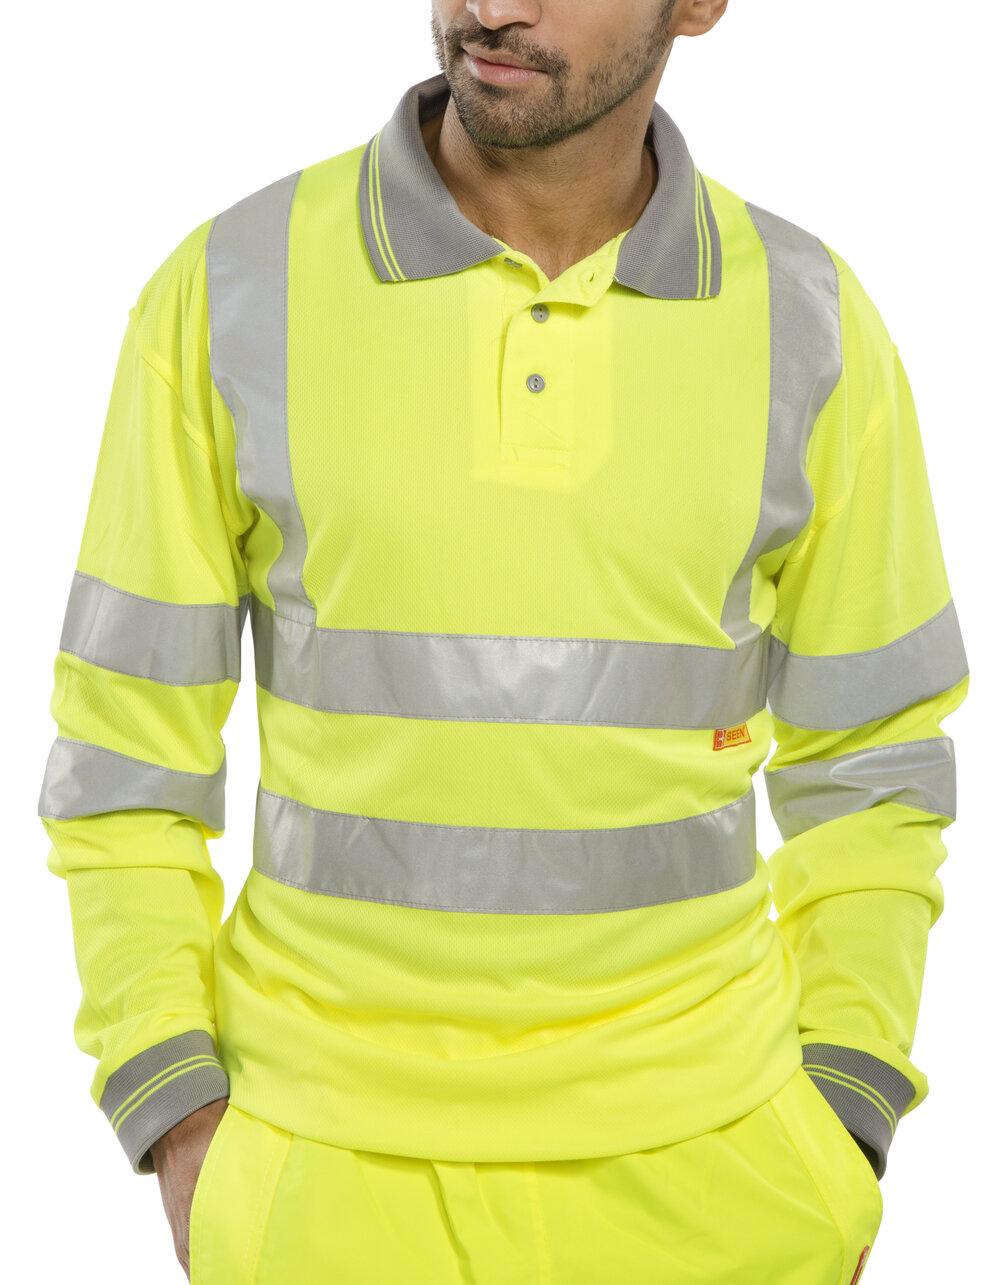 Long Sleeved Yellow Hi-Visibility Polo Shirt